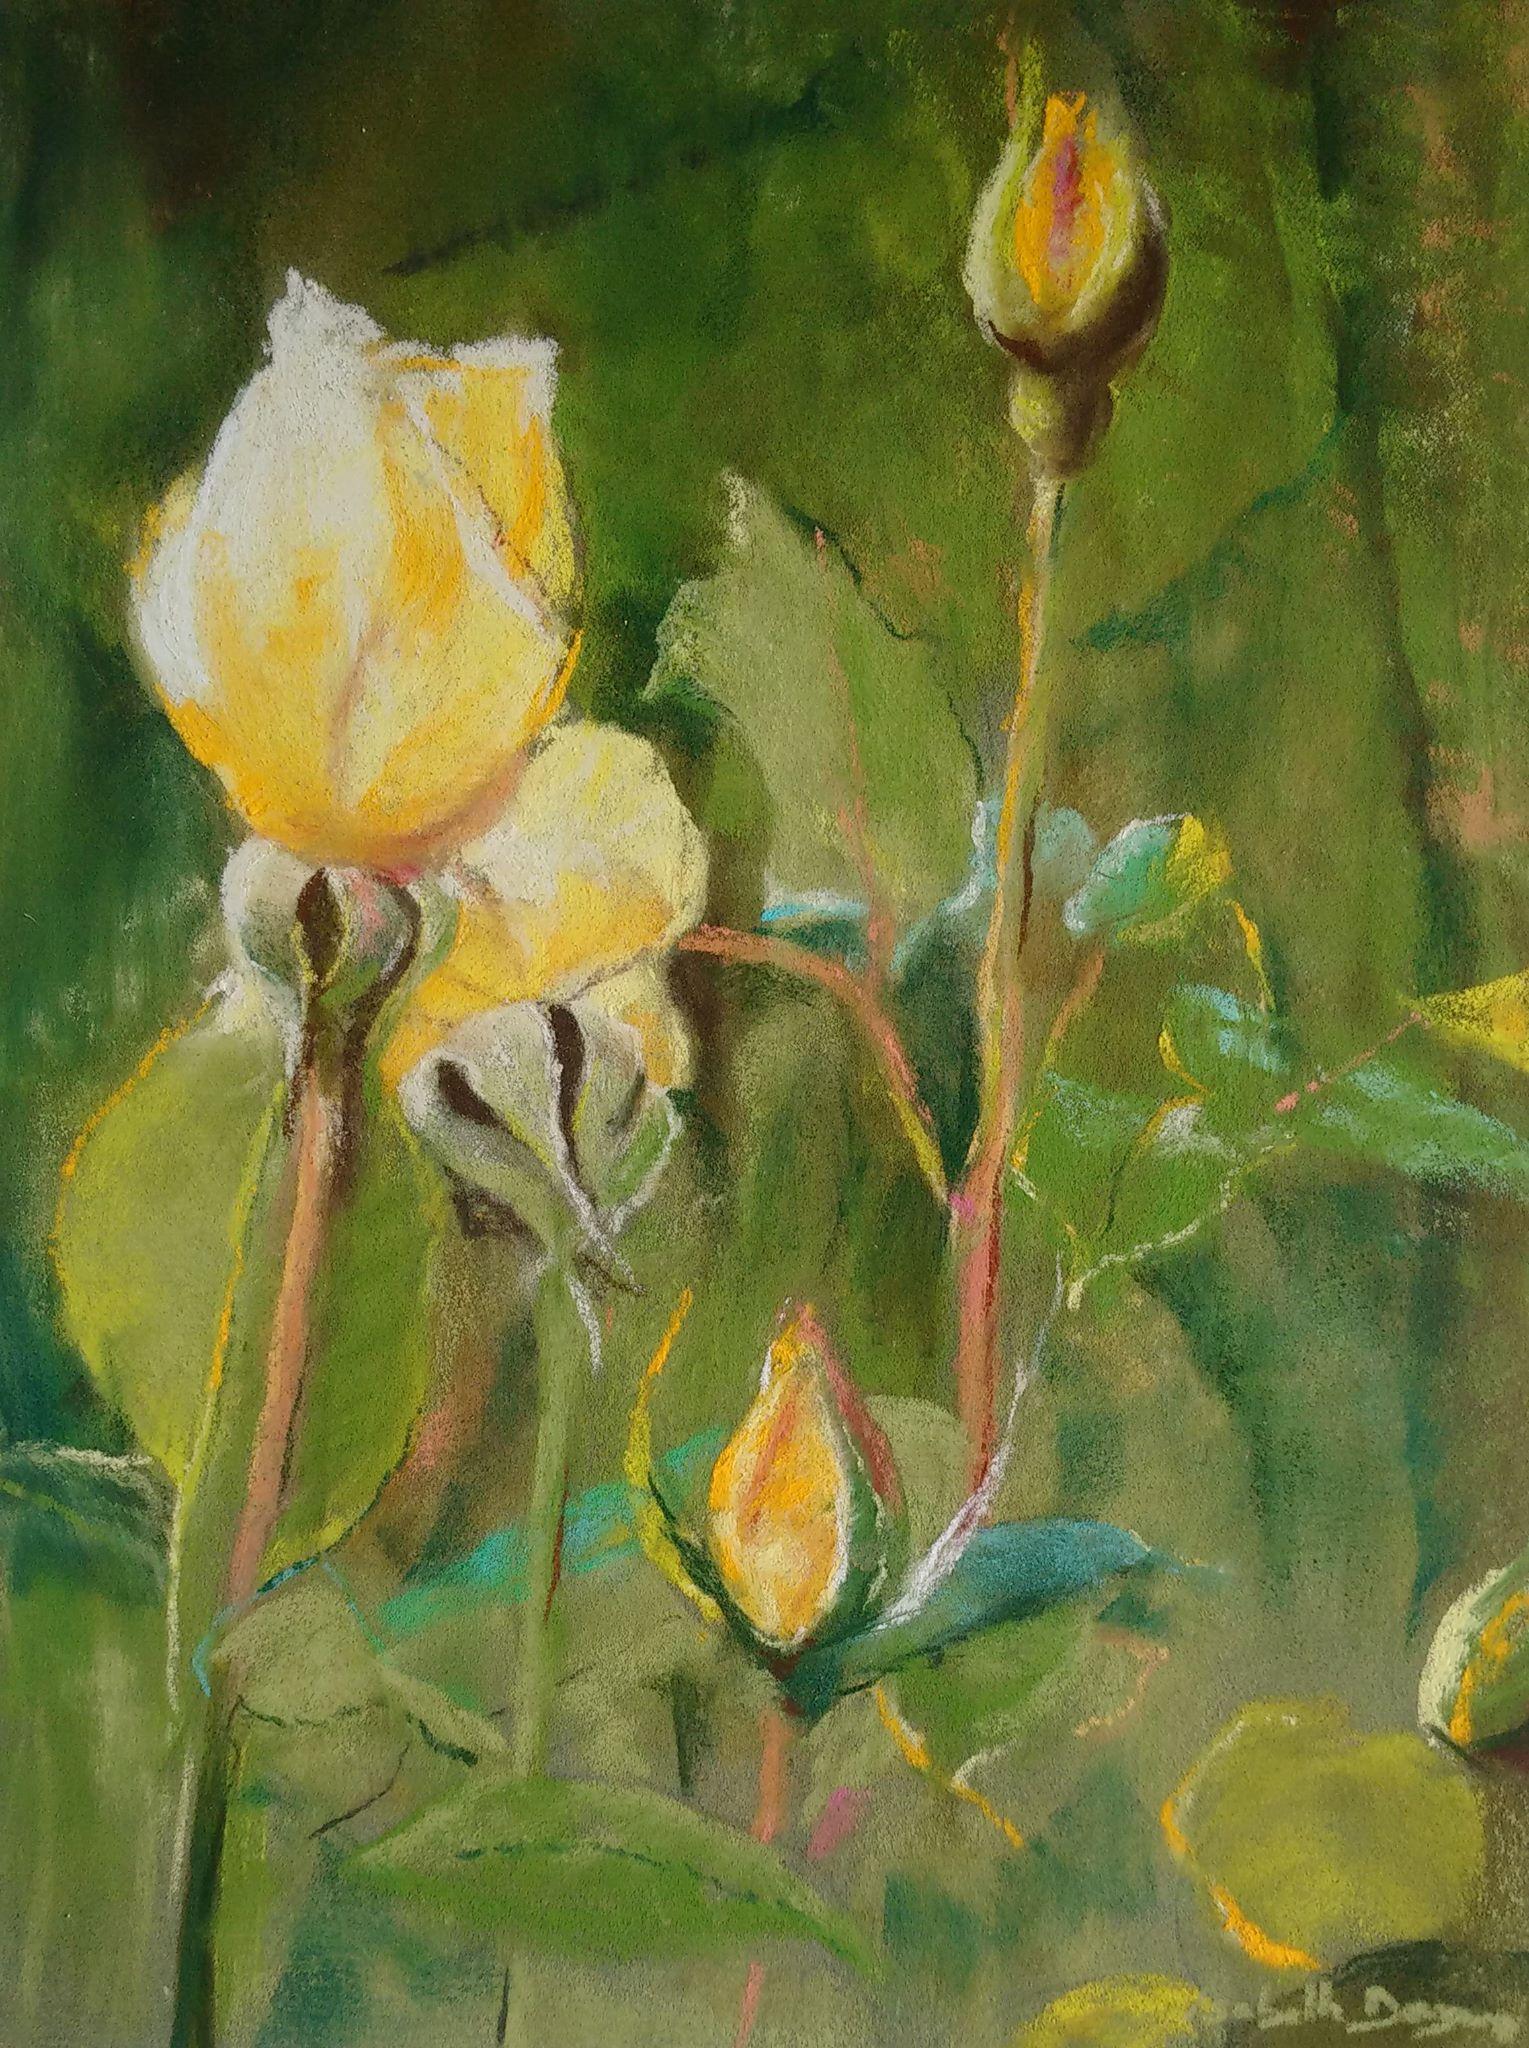 Les roses jaunes - Peinture au pastel sec par l'artiste peintre Isabelle Douzamy - 40x50 cm